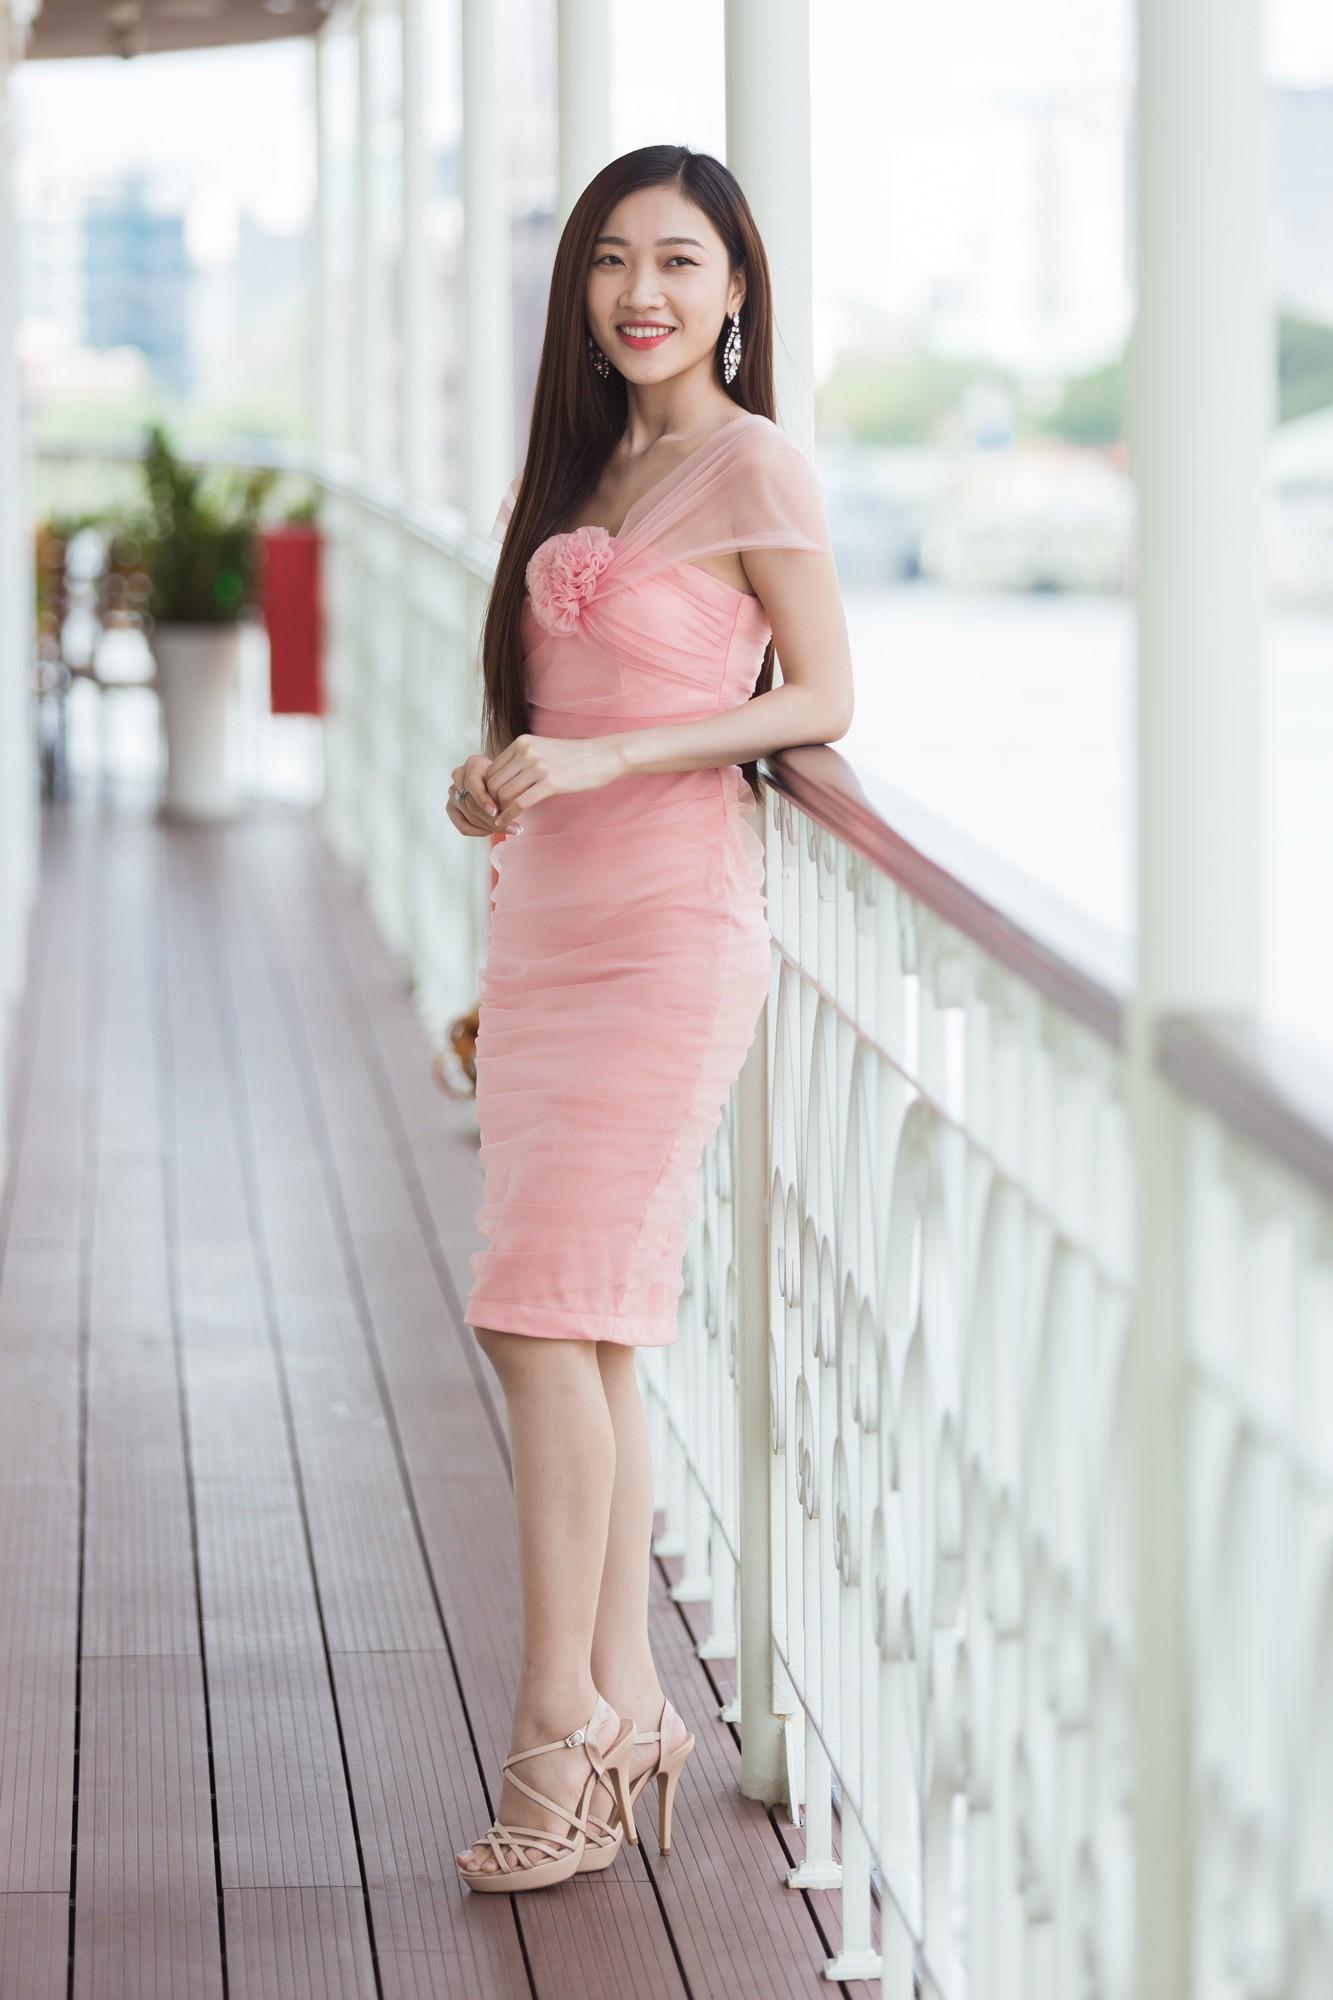 Từ cô Hoa hậu bị hoài nghi, Tiểu Vy hôm nay đứng trước Top thí sinh Miss World đầy bản lĩnh và thần thái - Ảnh 12.